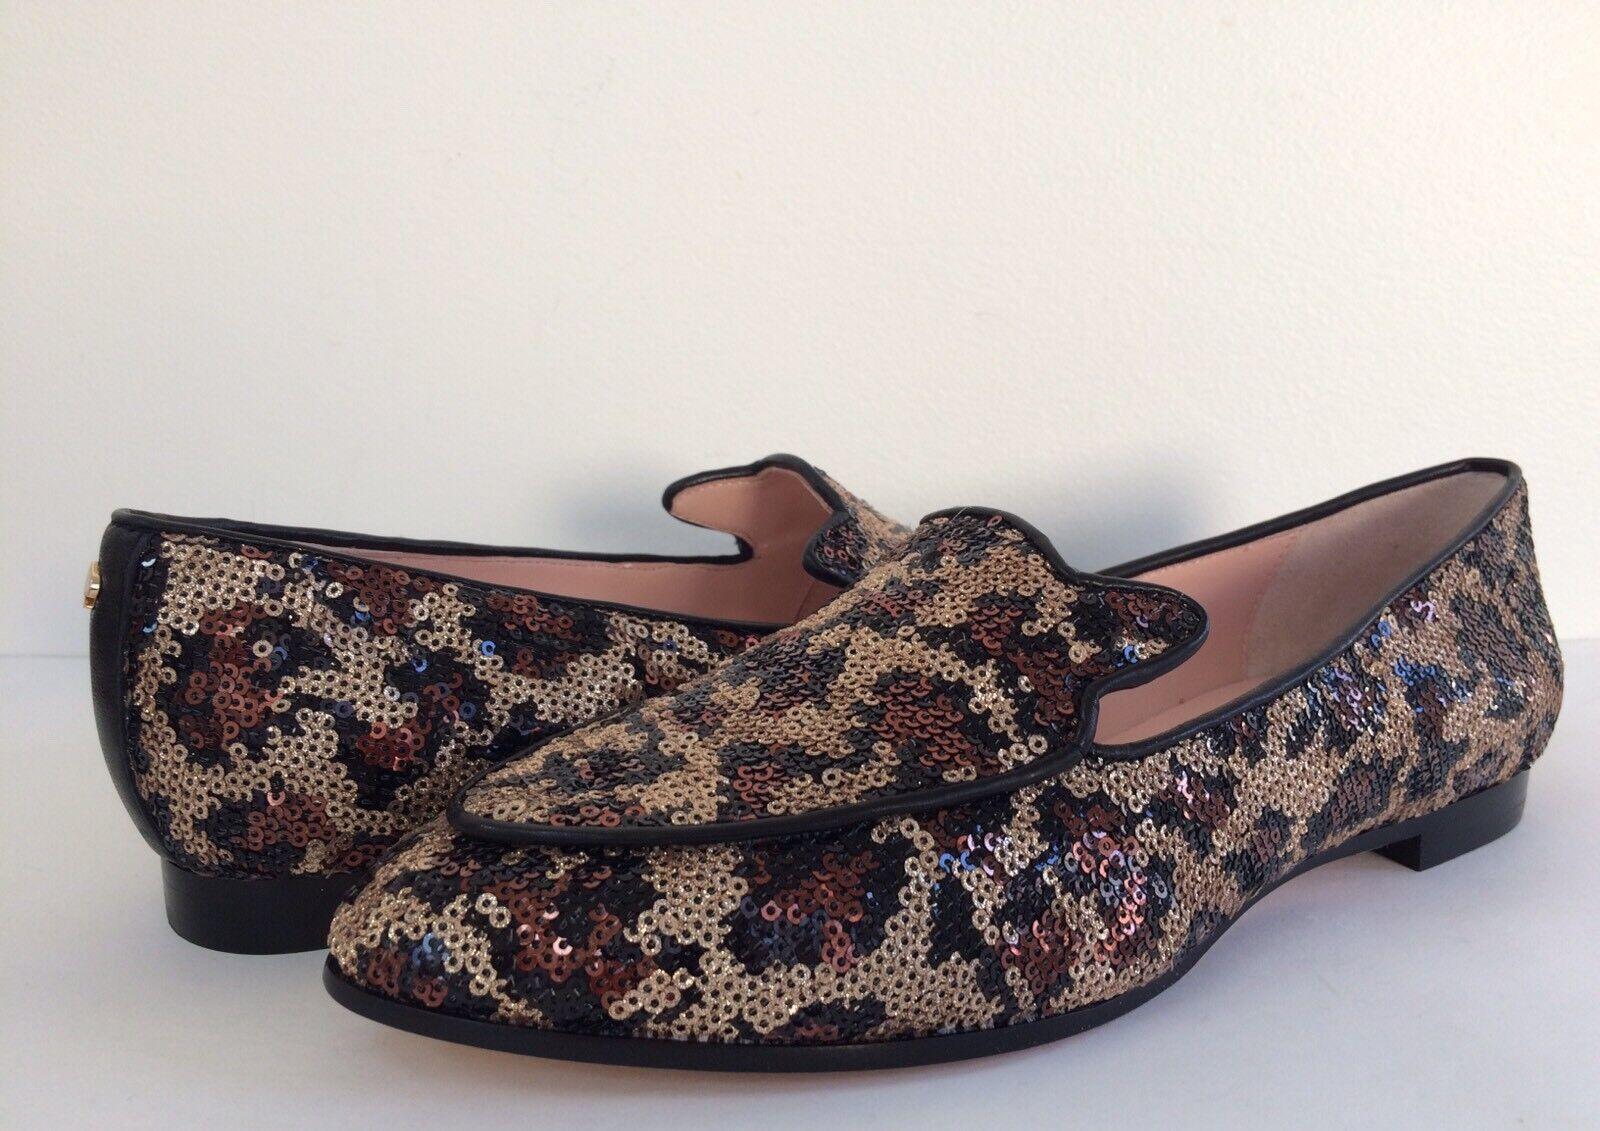 Birkenstock ARIZONA Linea morbido plantare Oliato Pelle Linea ARIZONA donna sandali calzature-Tabacco 9f55c8